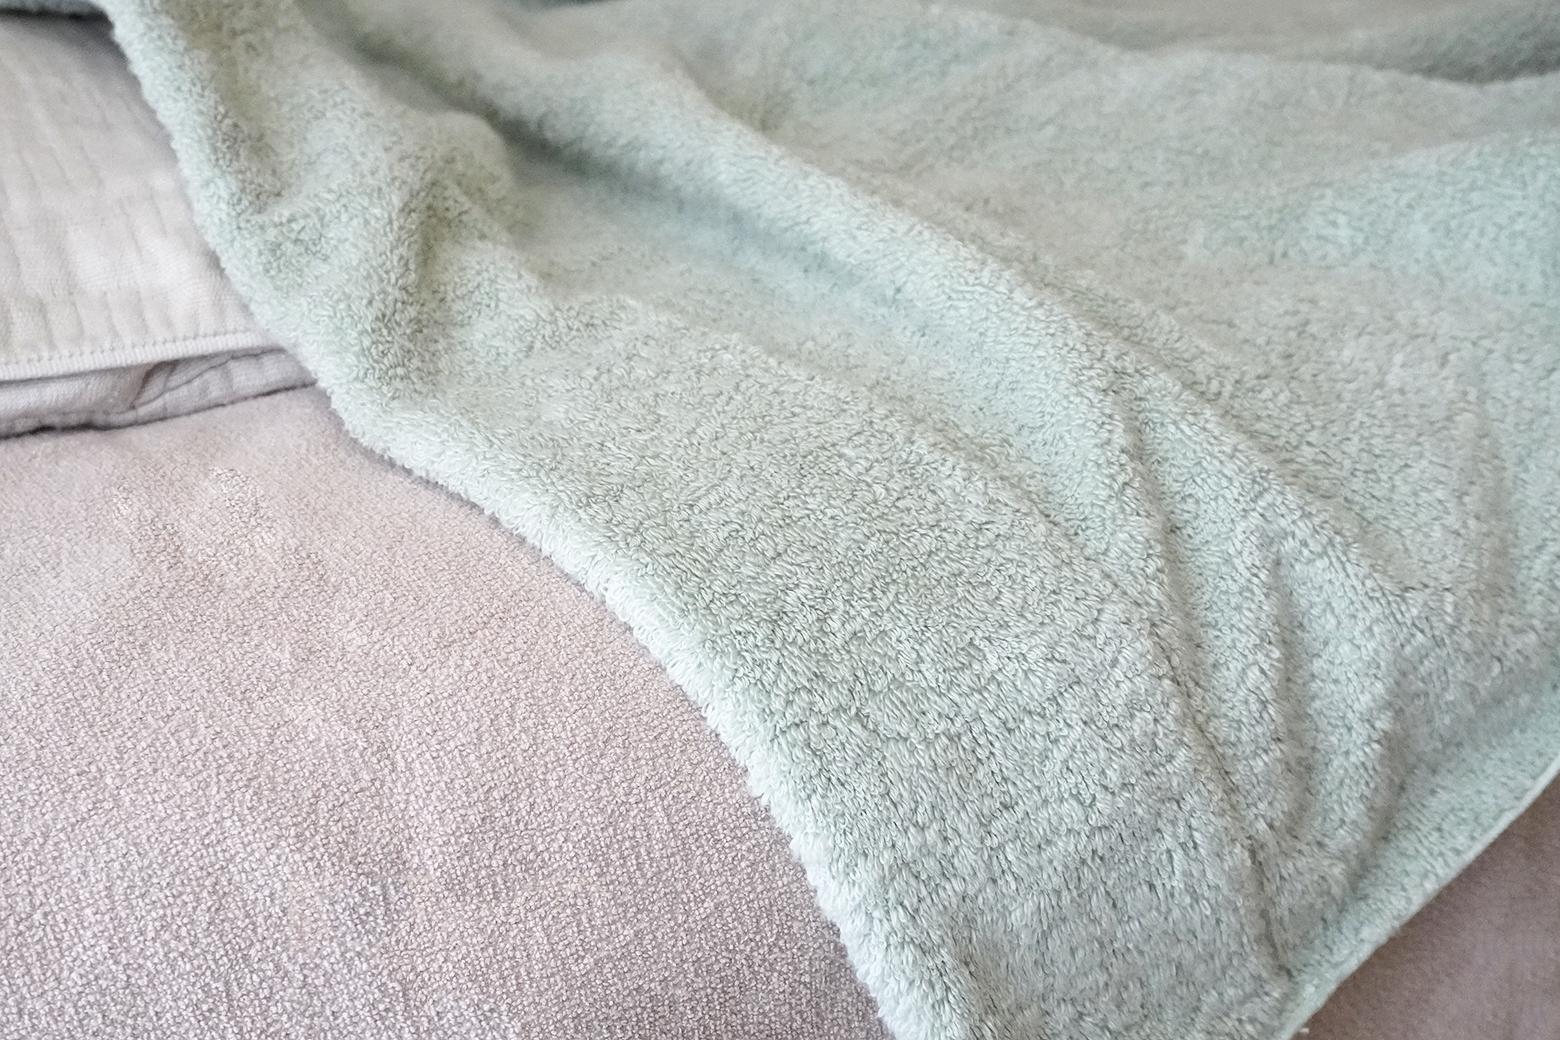 ふわふわの厚みのあるタオルケット オーガニックエアーホイップ タオルケット